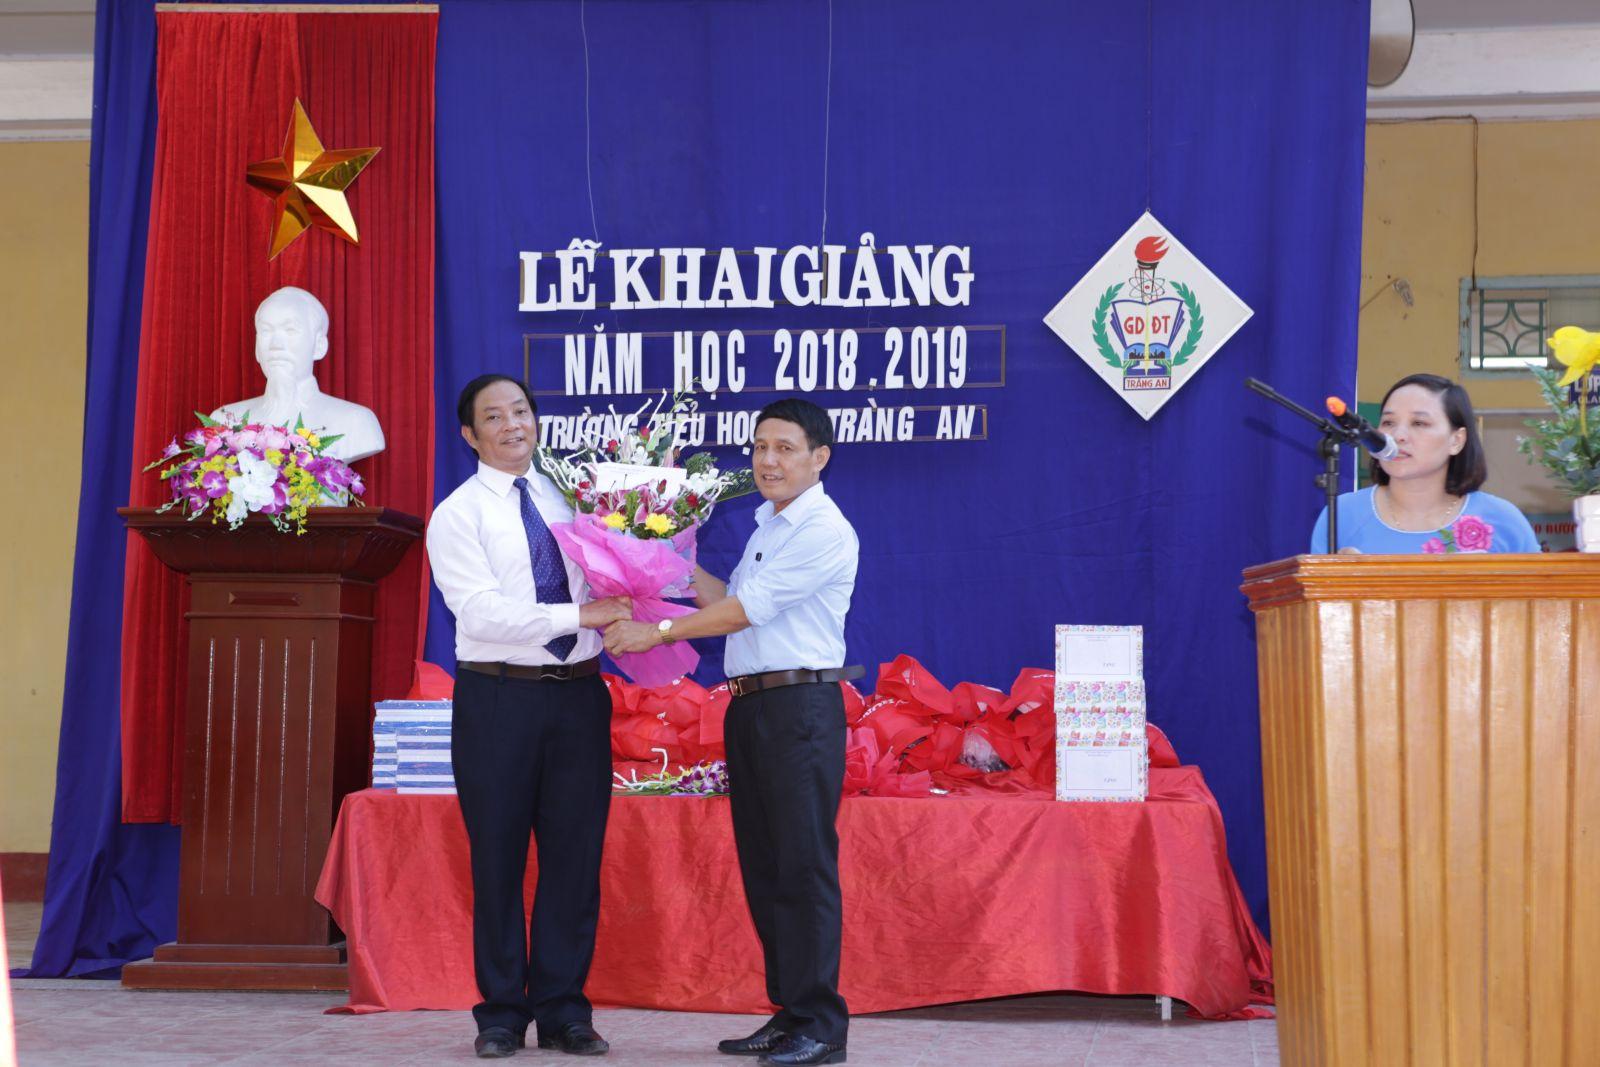 Lãnh đạo địa phương tặng hoa và quà chúc mừng nhà trường